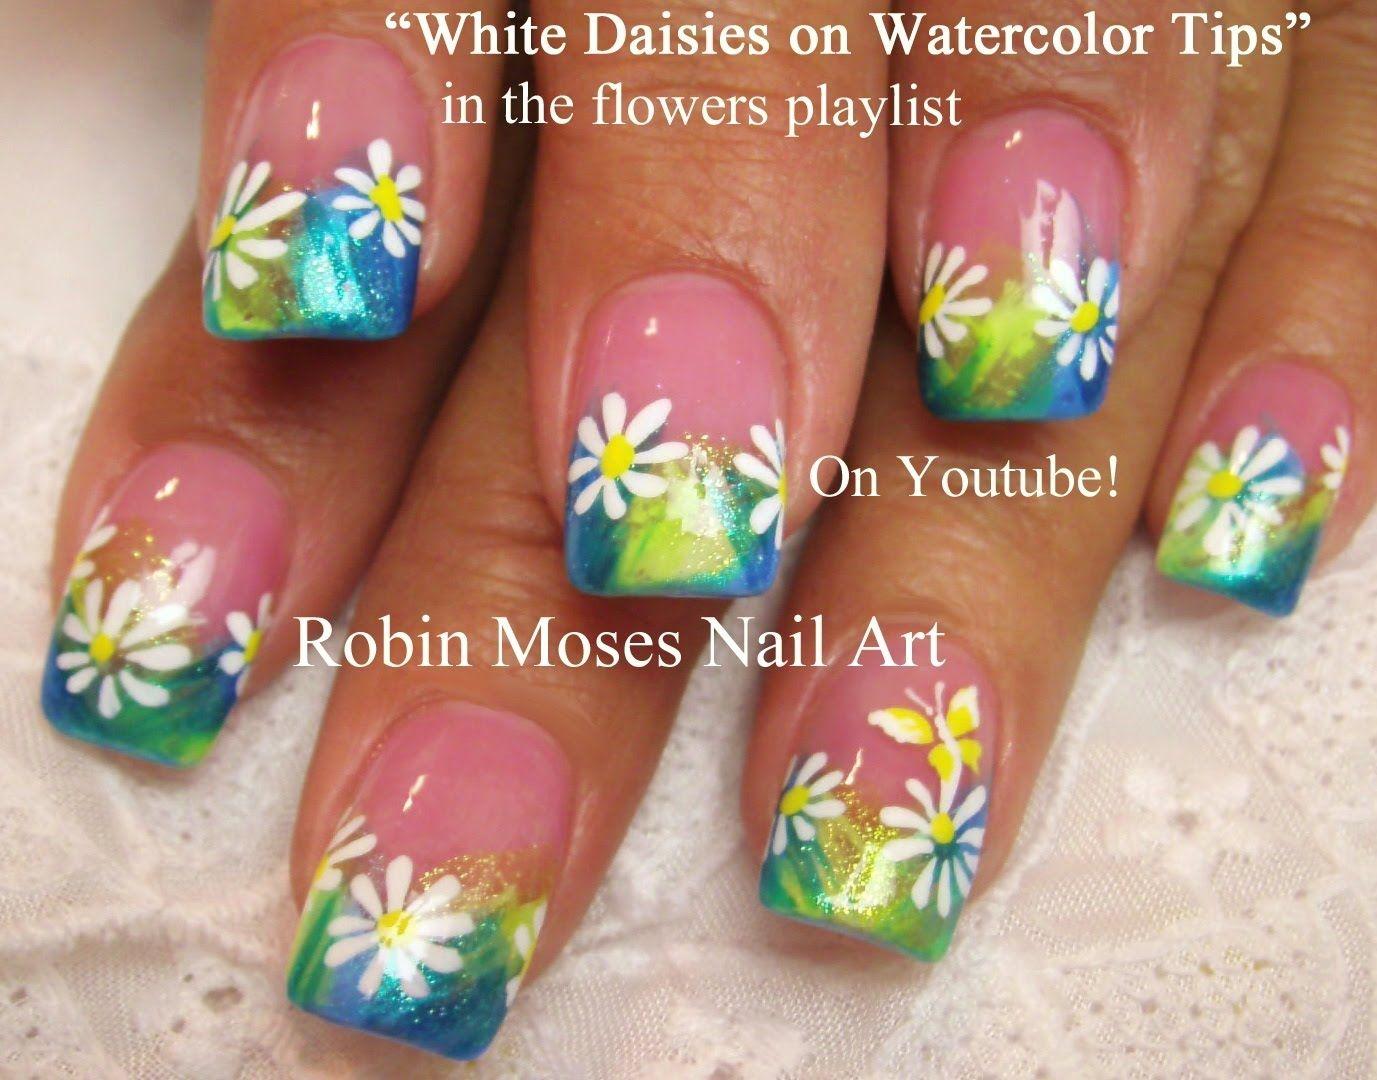 Daisy Nail Art | Wear combinationa | Pinterest | Daisy nail art ...